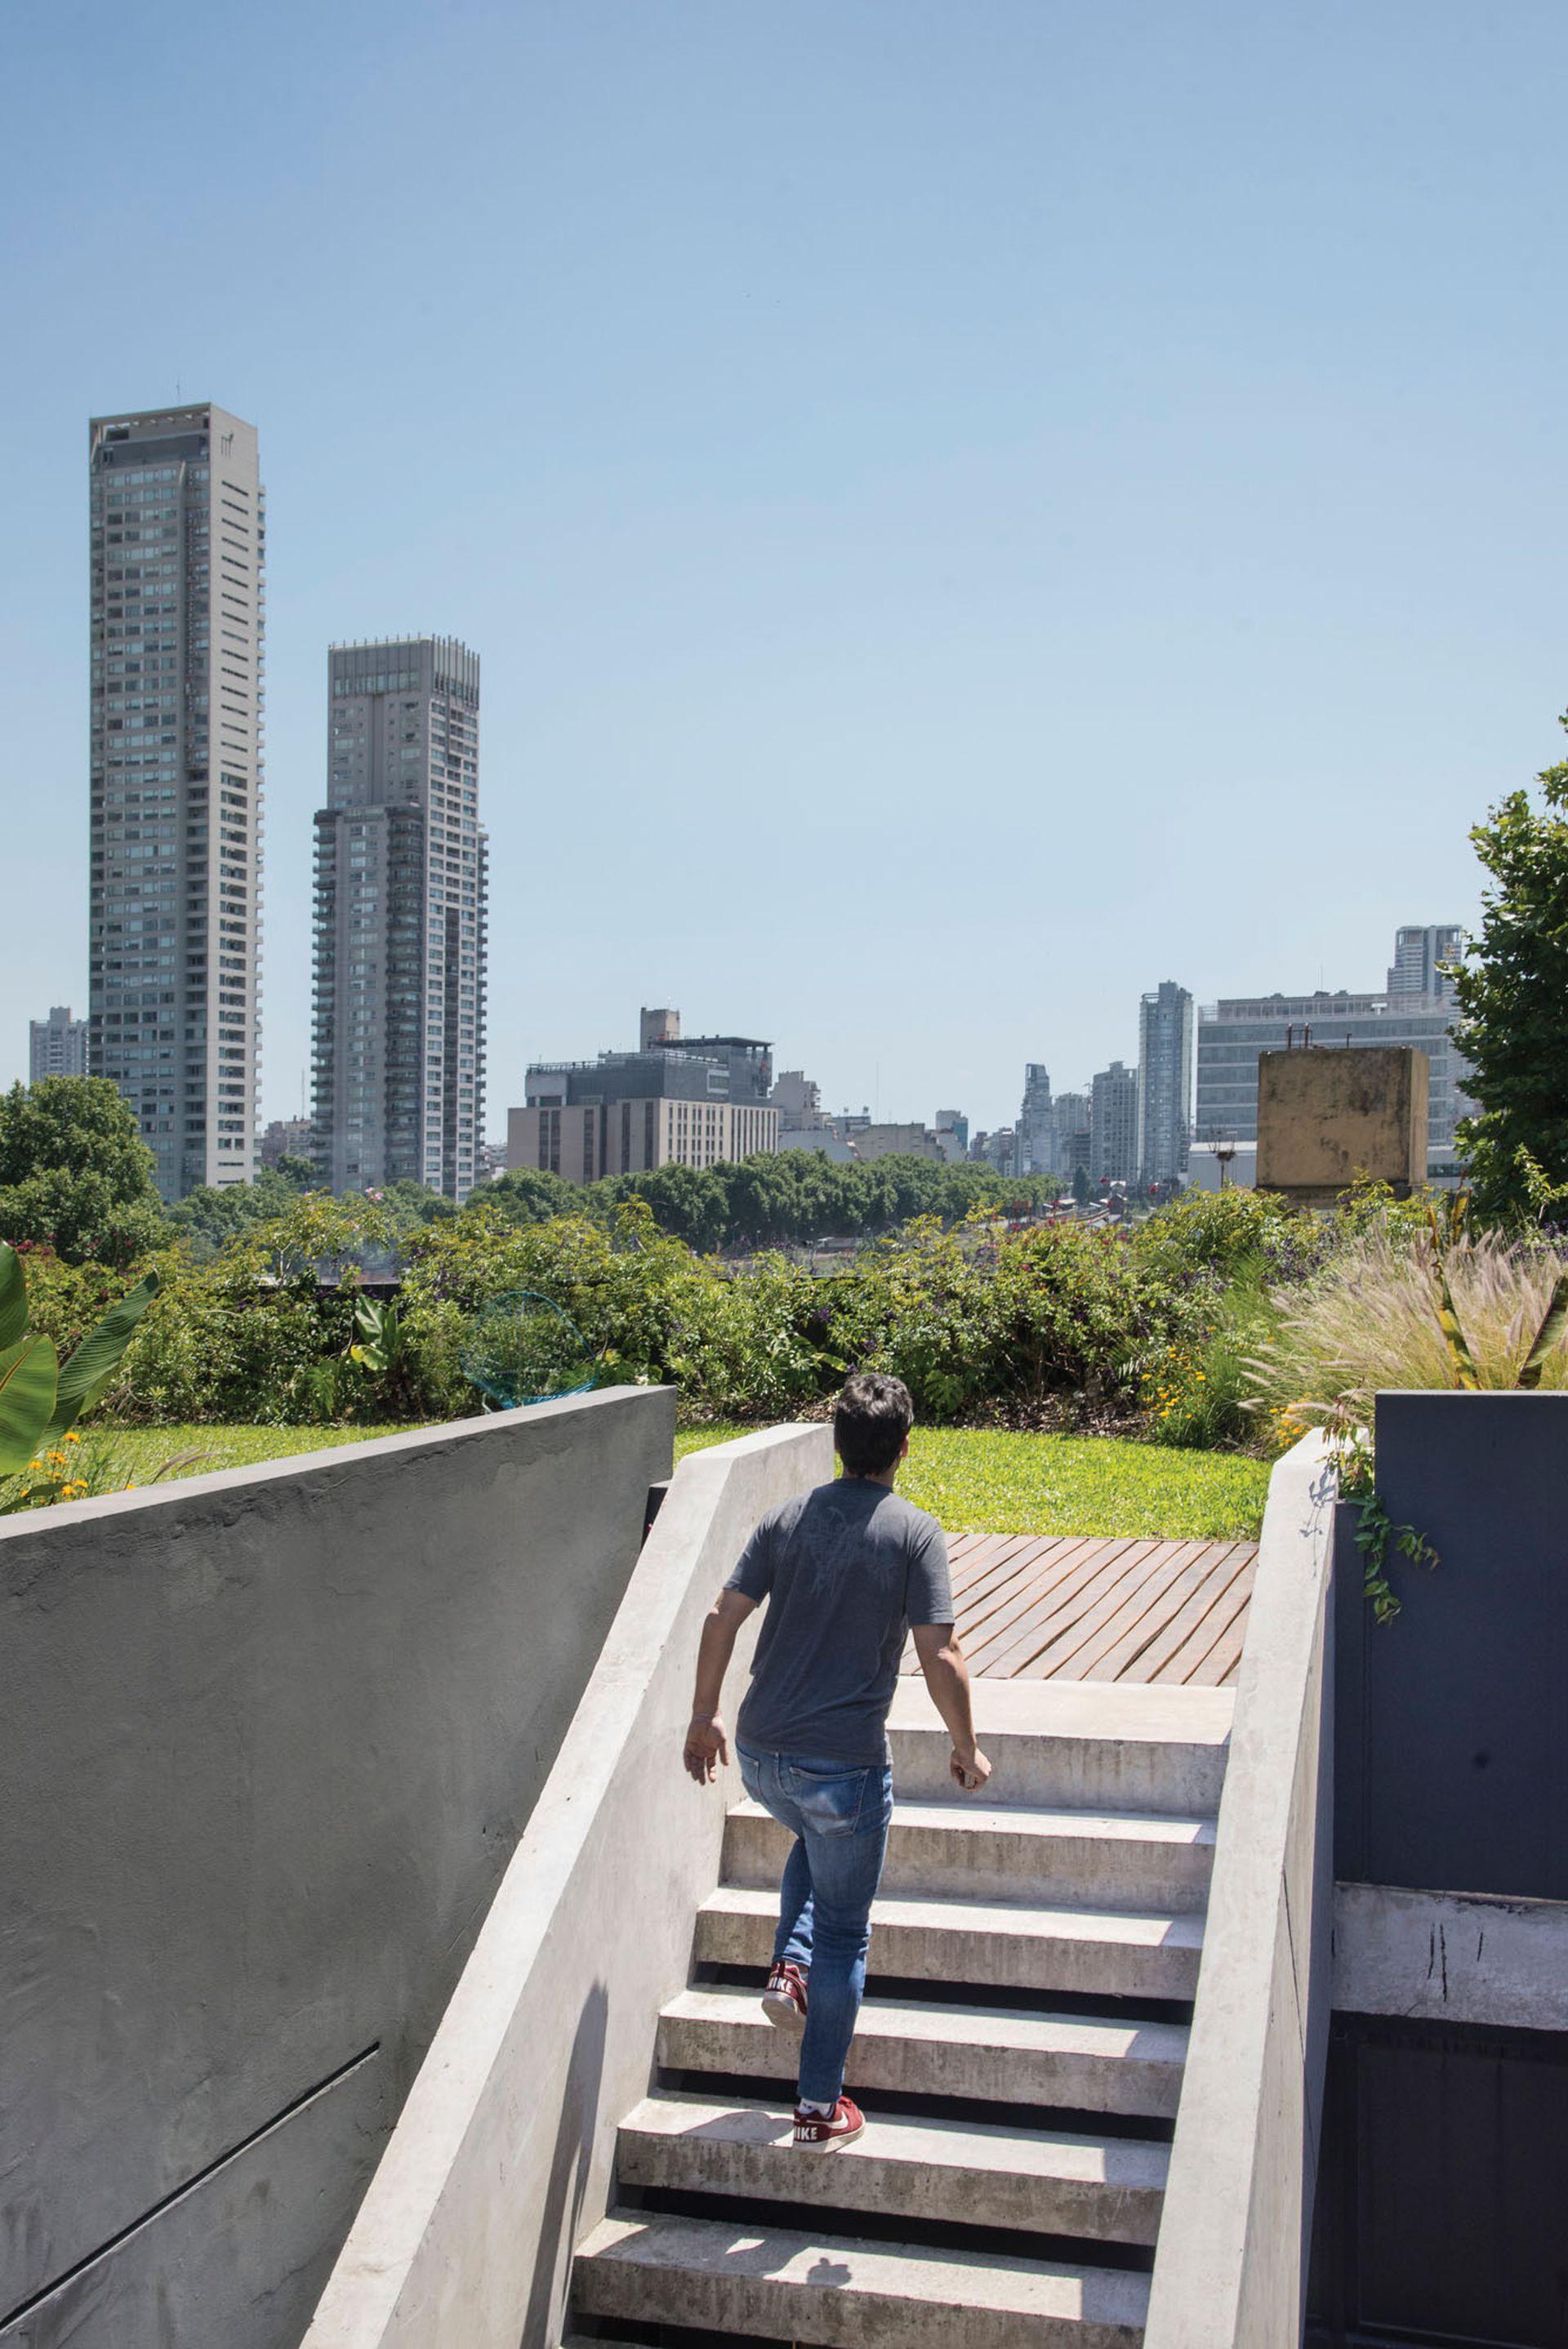 La escalera de acceso a la terraza con cubierta verde conecta con la planta baja.